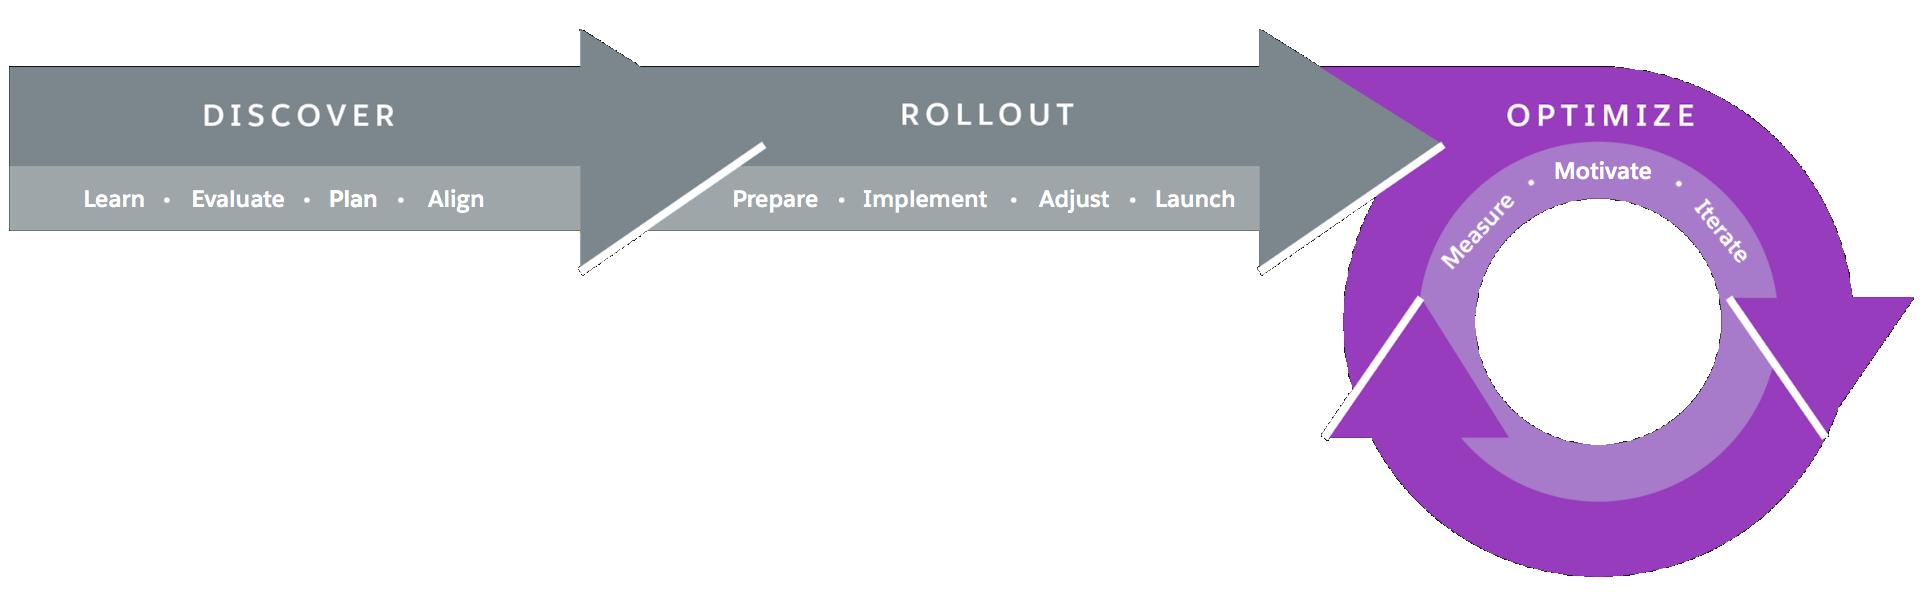 Représentation visuelle de la procédure de migration vers LightningExperience, avec la phase d'optimisation mise en évidence